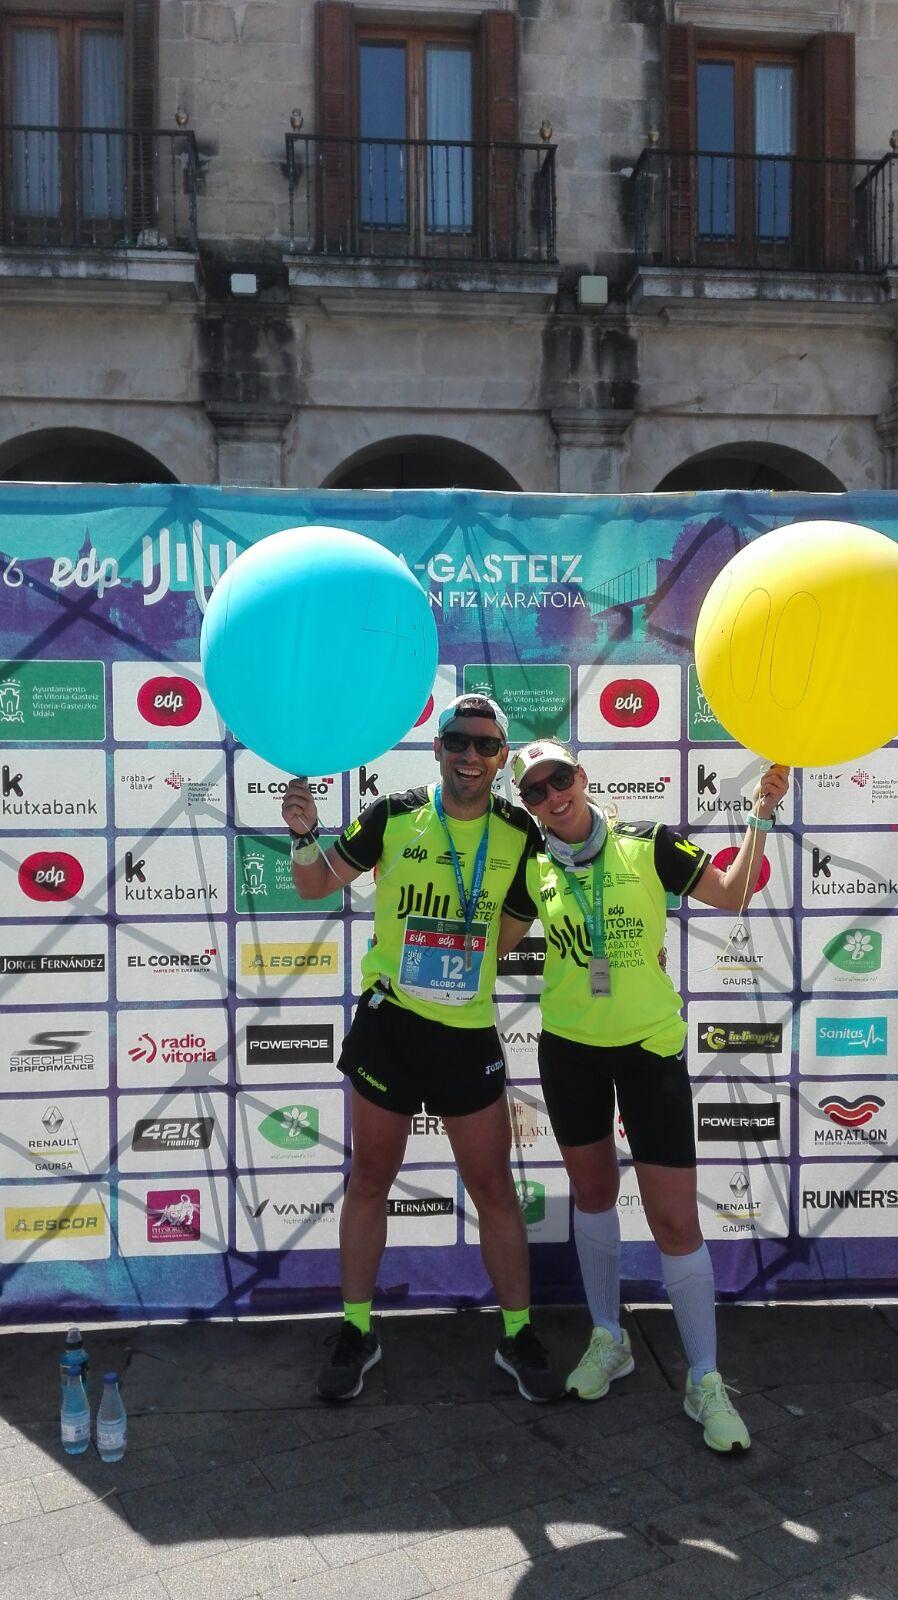 Navalmaraton estuvo en la XVI Edición de la EDP Vitoria Gasteiz Maratón y Media Maratón Martín Fiz